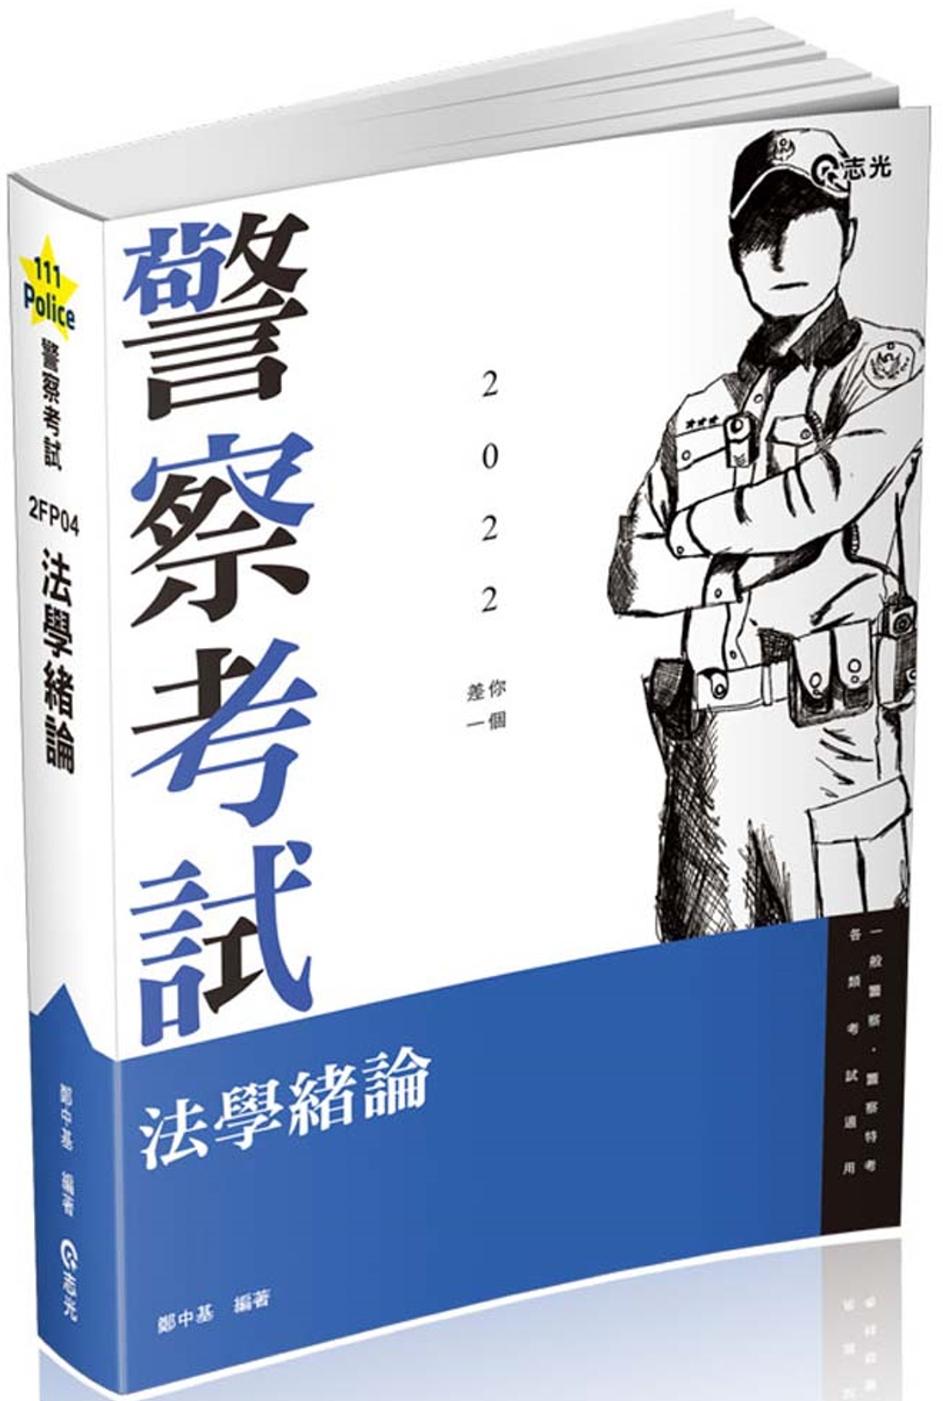 法學緒論(警察特考、一般警察考...